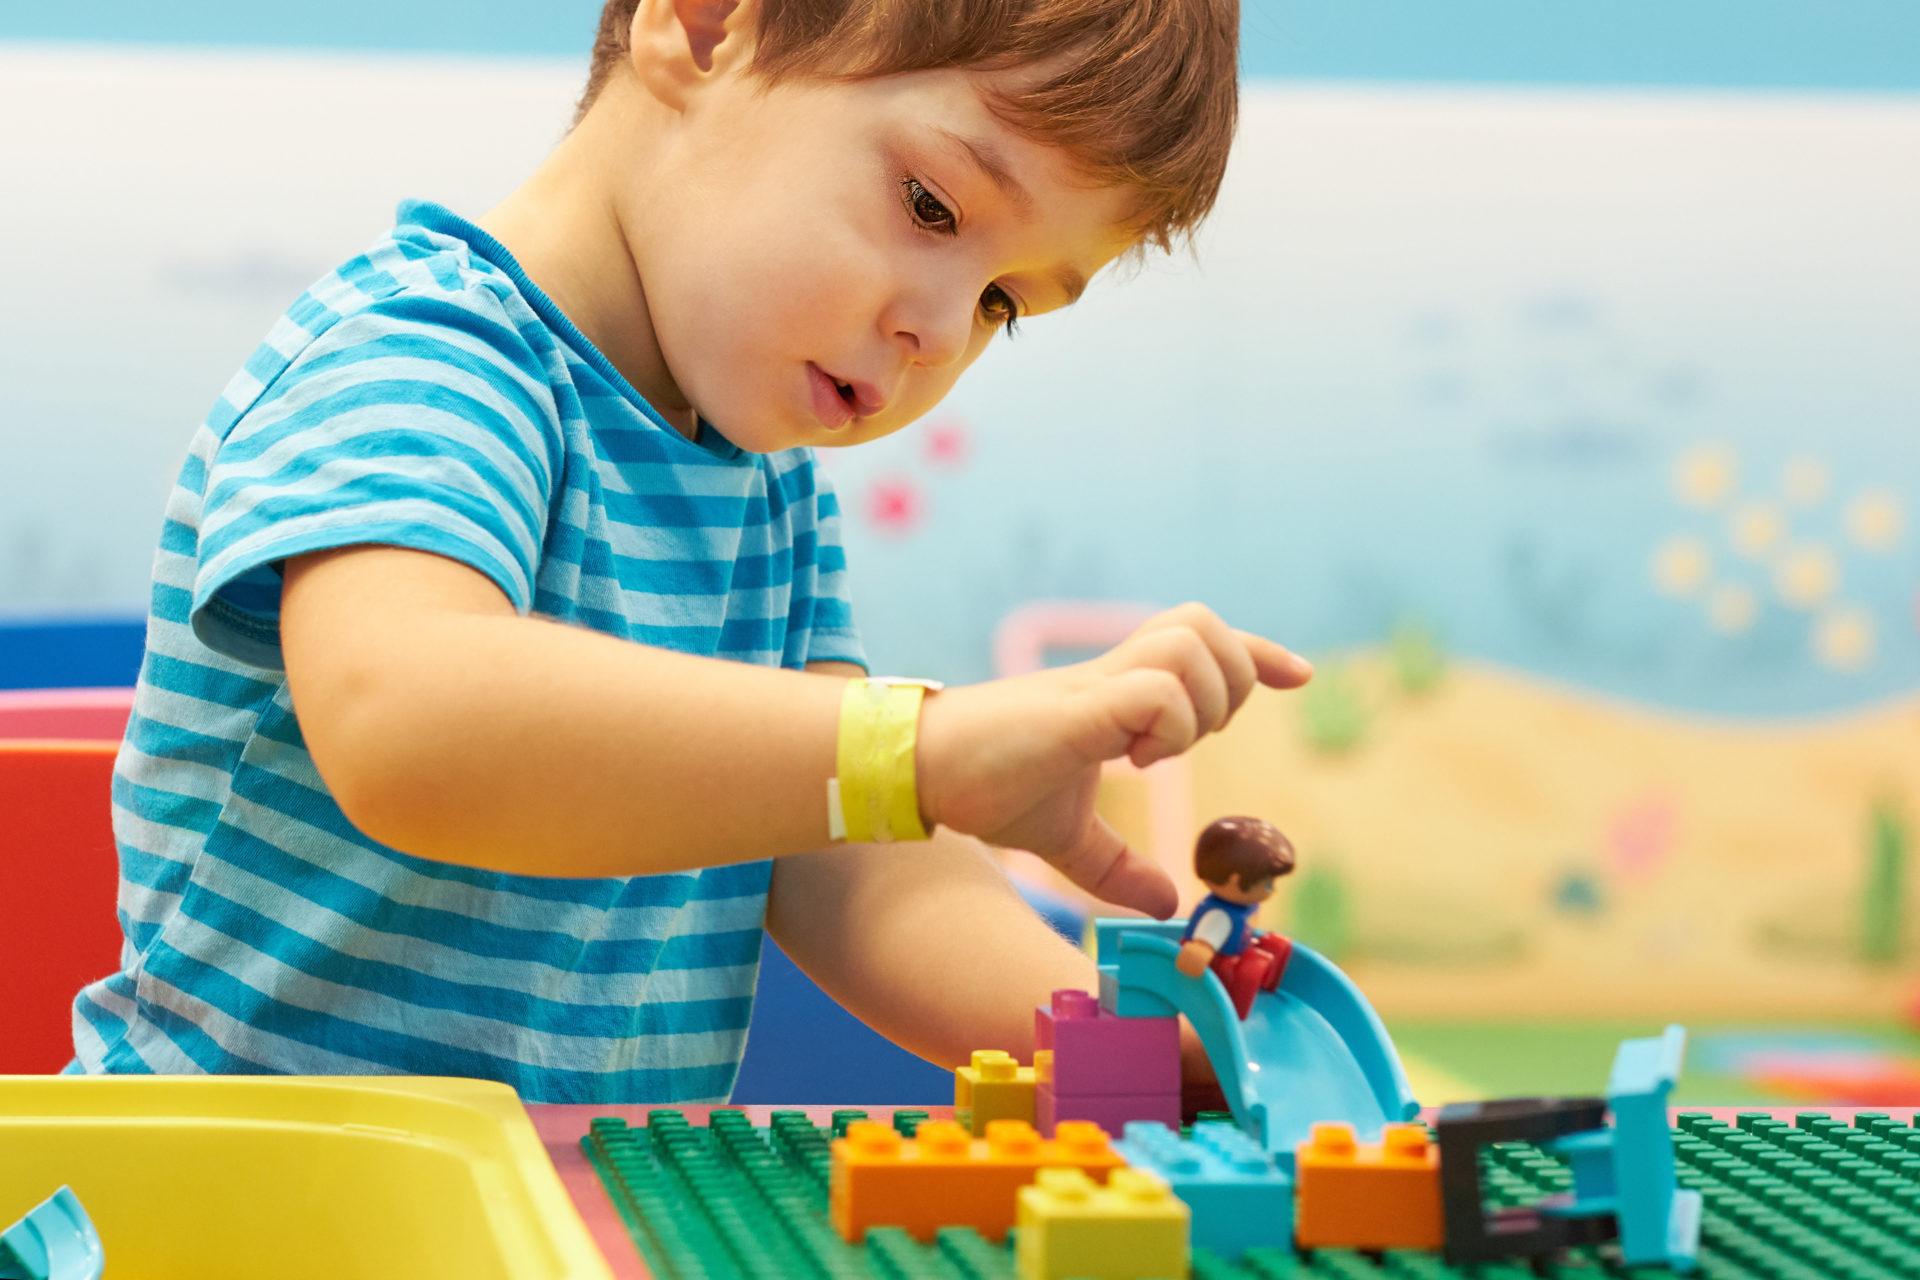 Jeu, Jouet Enfant - Jeu Enfant 2 Ans, 3 Ans, 4 Ans Et 5 Ans tout Jeux Pour Petit De 4 Ans